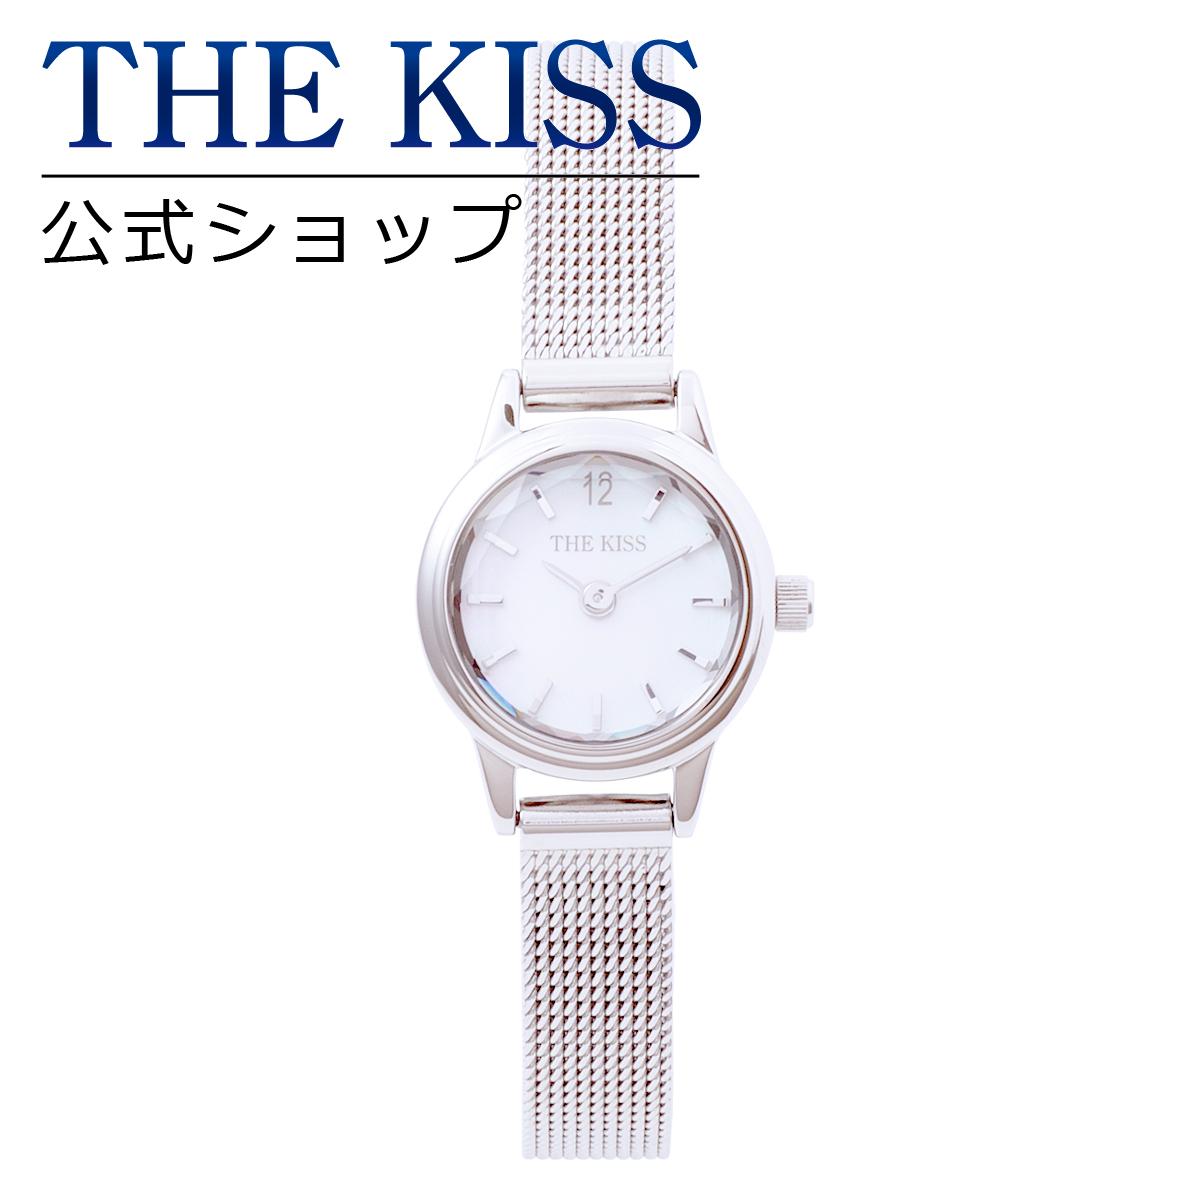 【あす楽対応】【送料無料】【THE KISS sweets】【レディースウォッチ】レディースウォッチ ラウンドタイプ ステンレス レディース ウォッチ 腕時計 ブランド ☆ stainless Ladies Watch couple